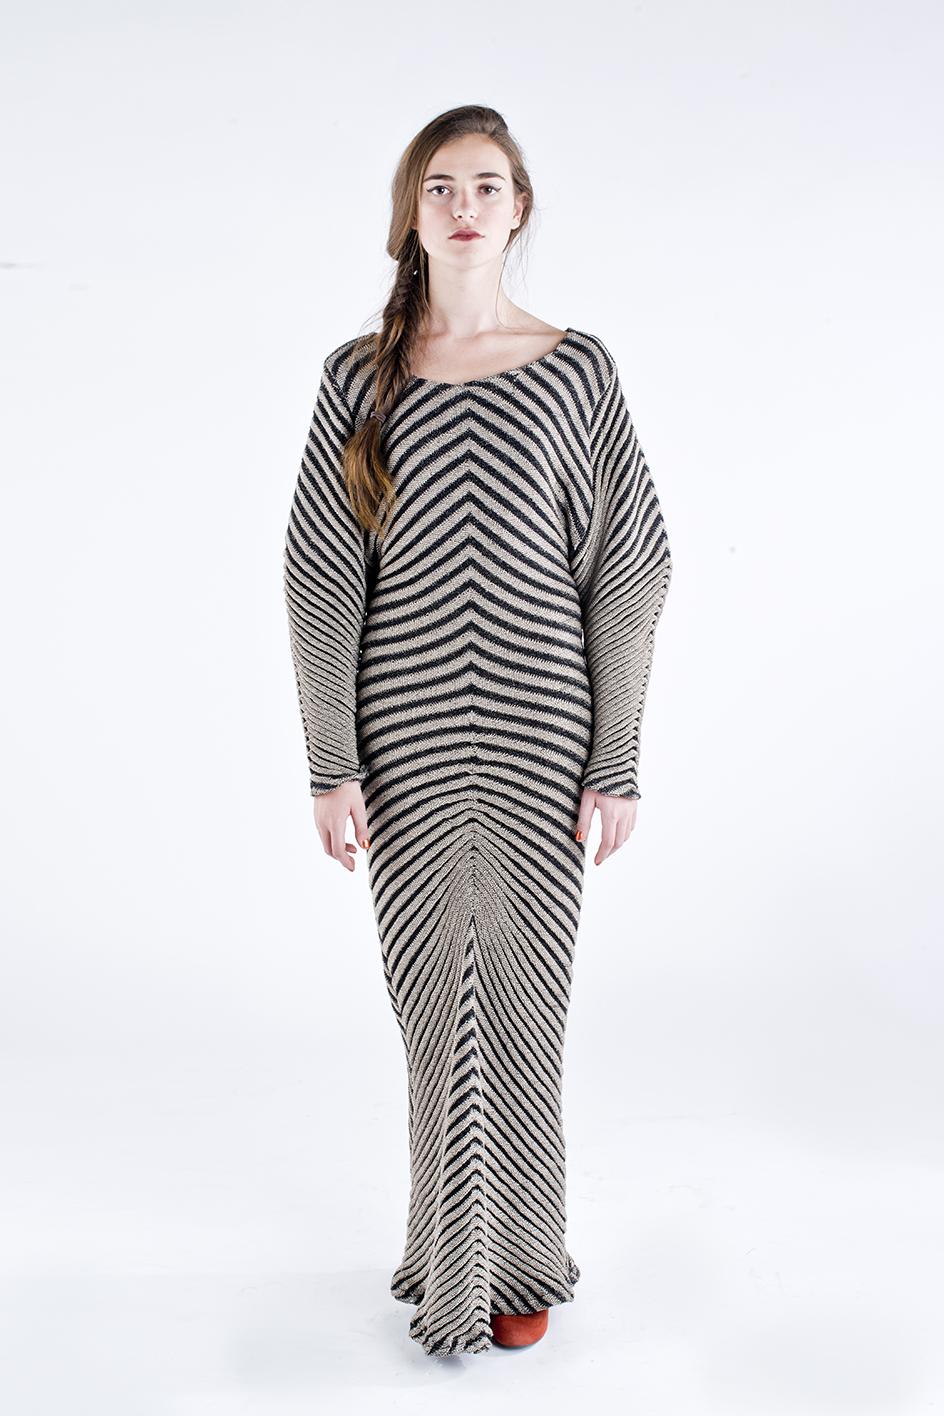 highline_dress_010_DSC6397.jpg